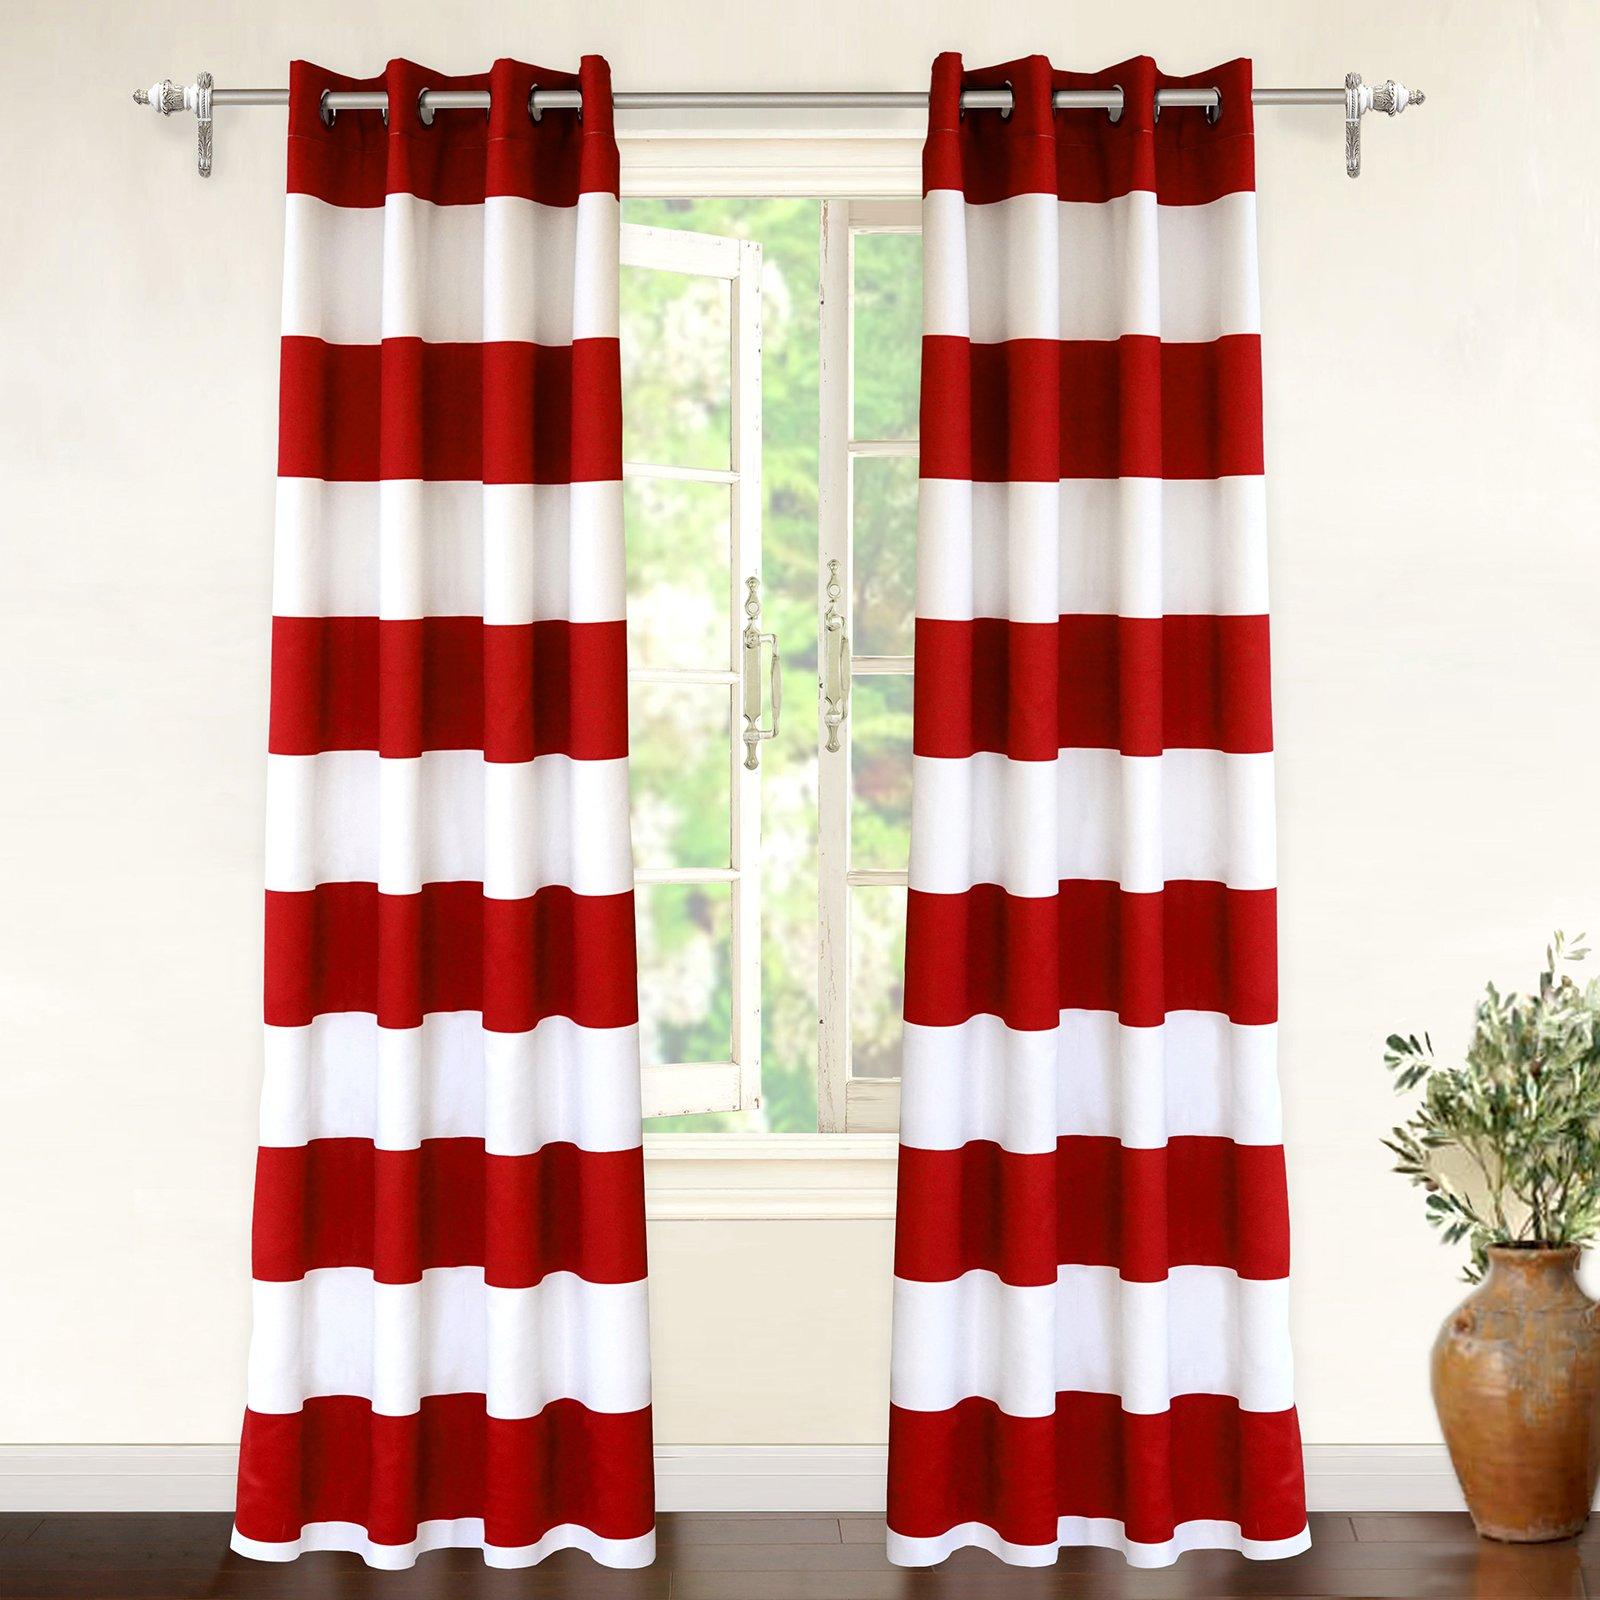 DriftAway Mia Stripe Room Darkening Grommet Unlined Window Curtains 2 Panels Each 52 Inch by 84 Inch Red by DriftAway